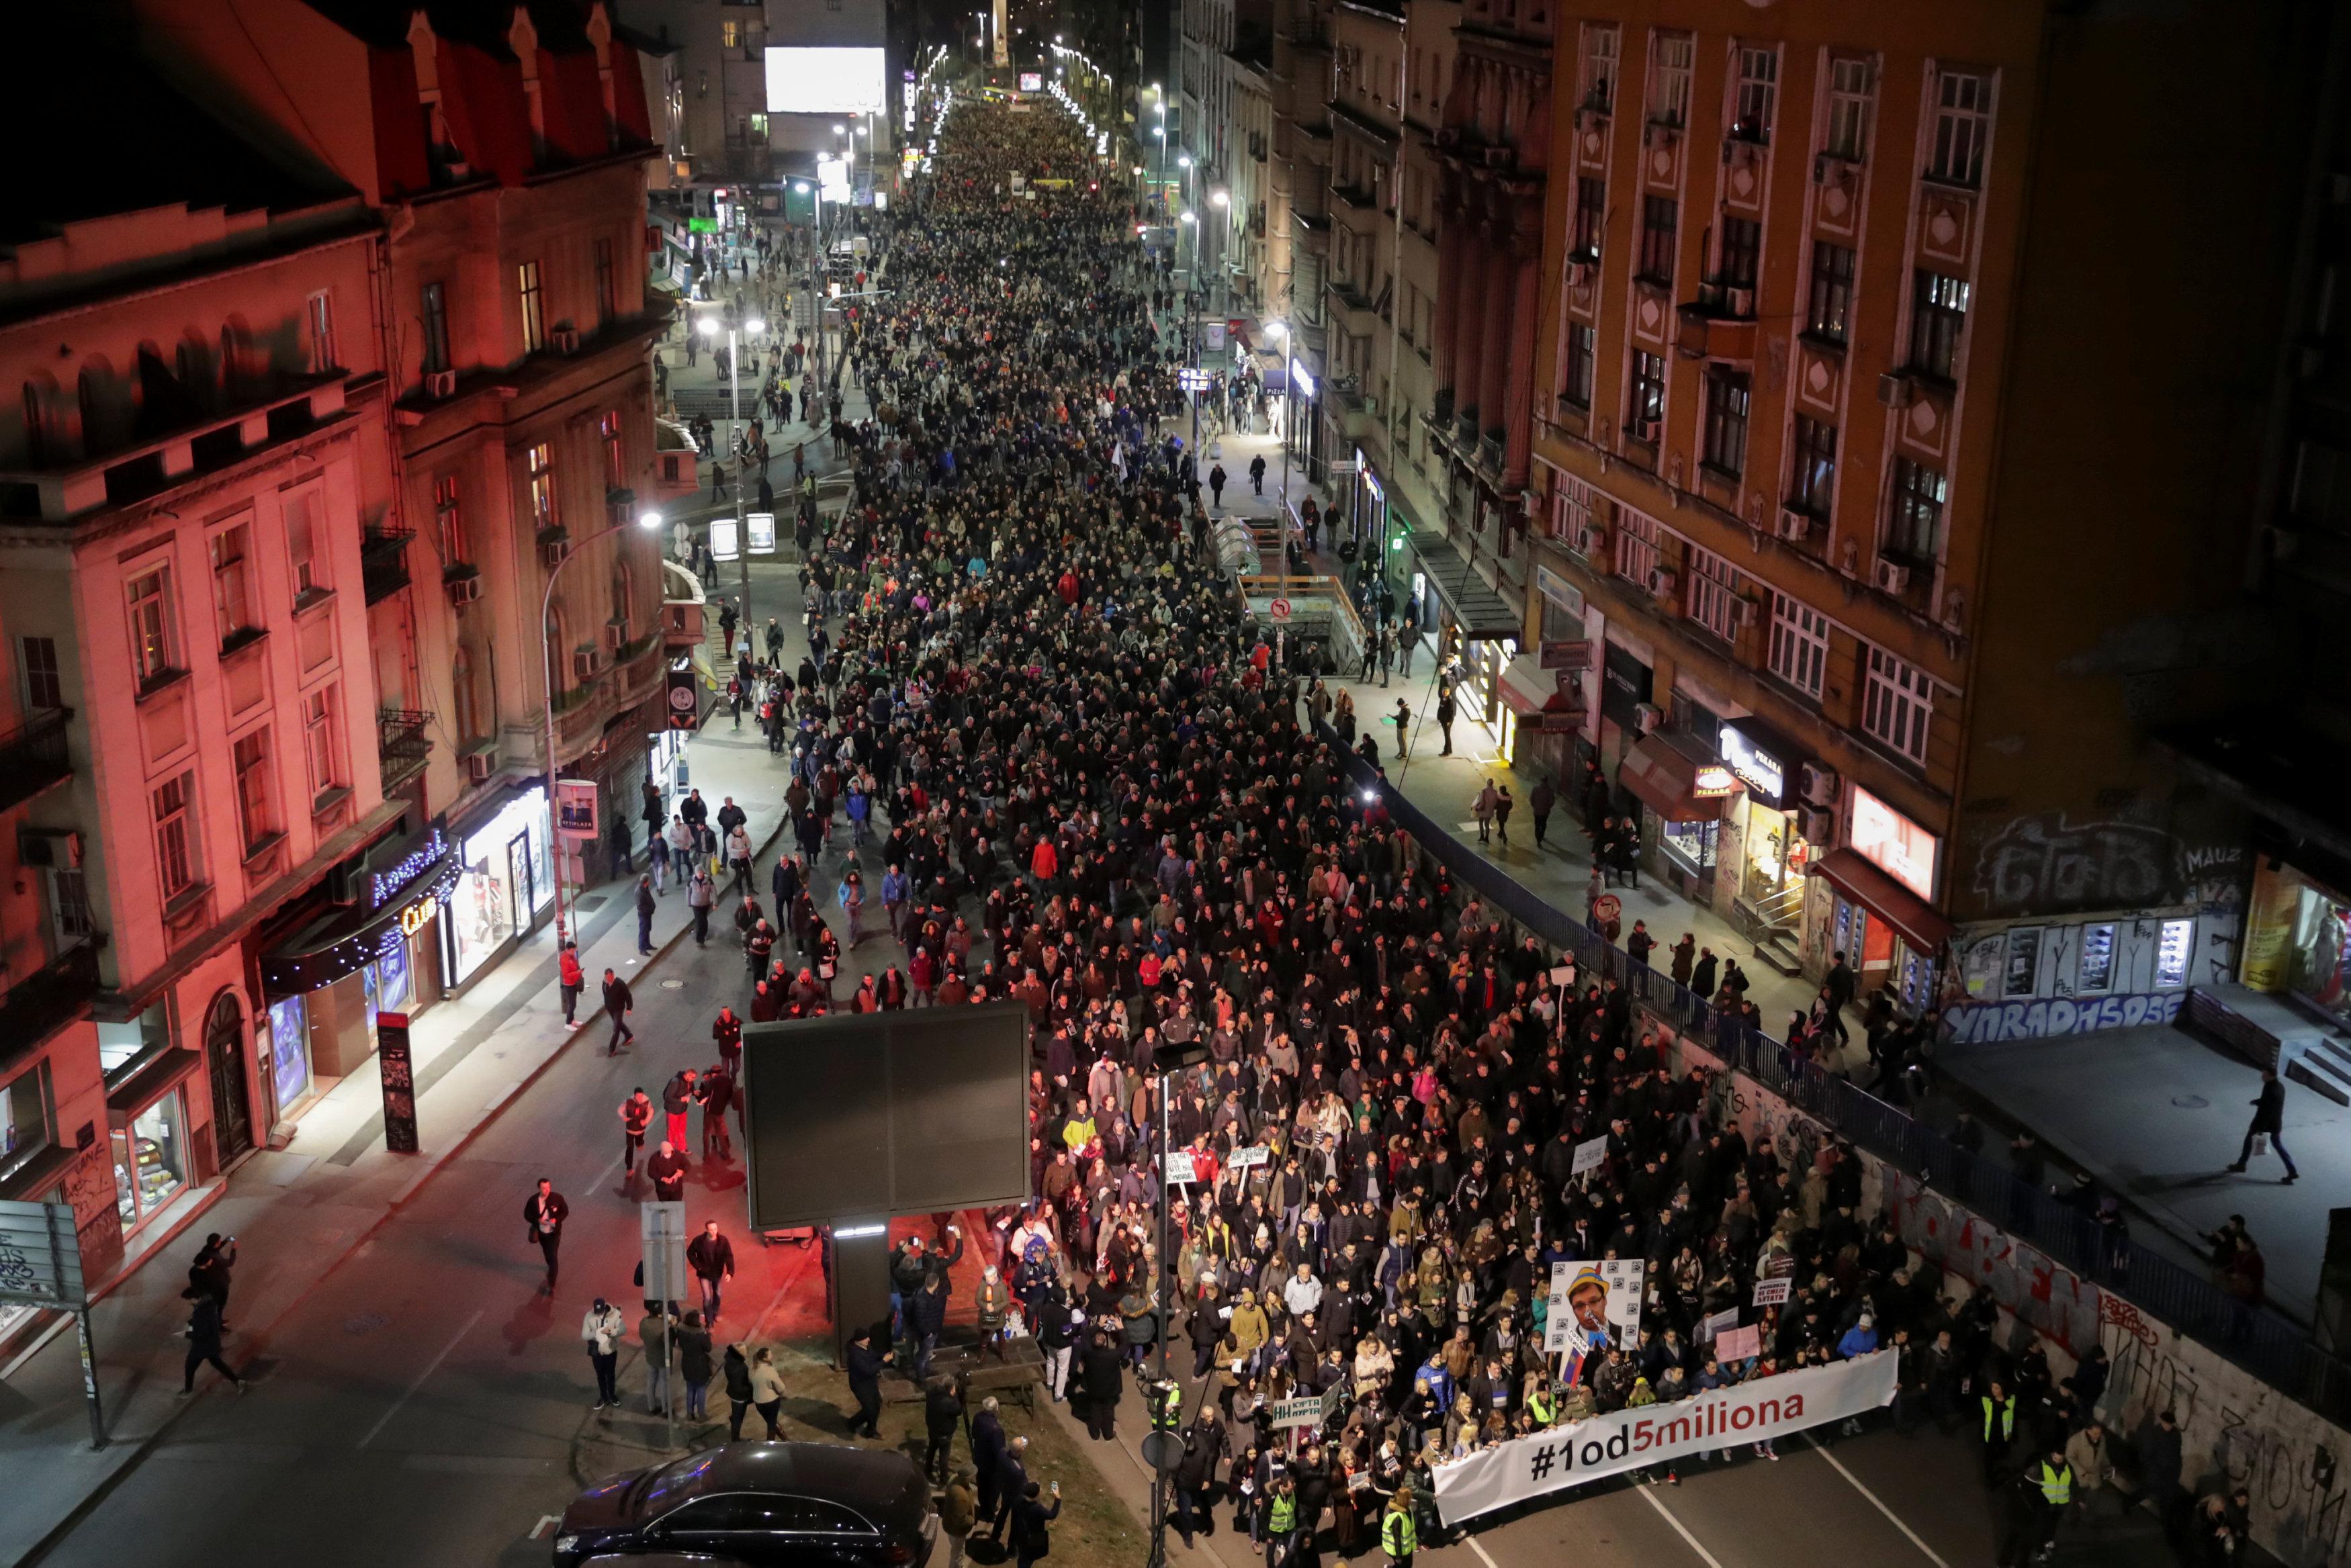 آلاف المتظاهرين يحتشدون فى شوارع بلجراد (3)